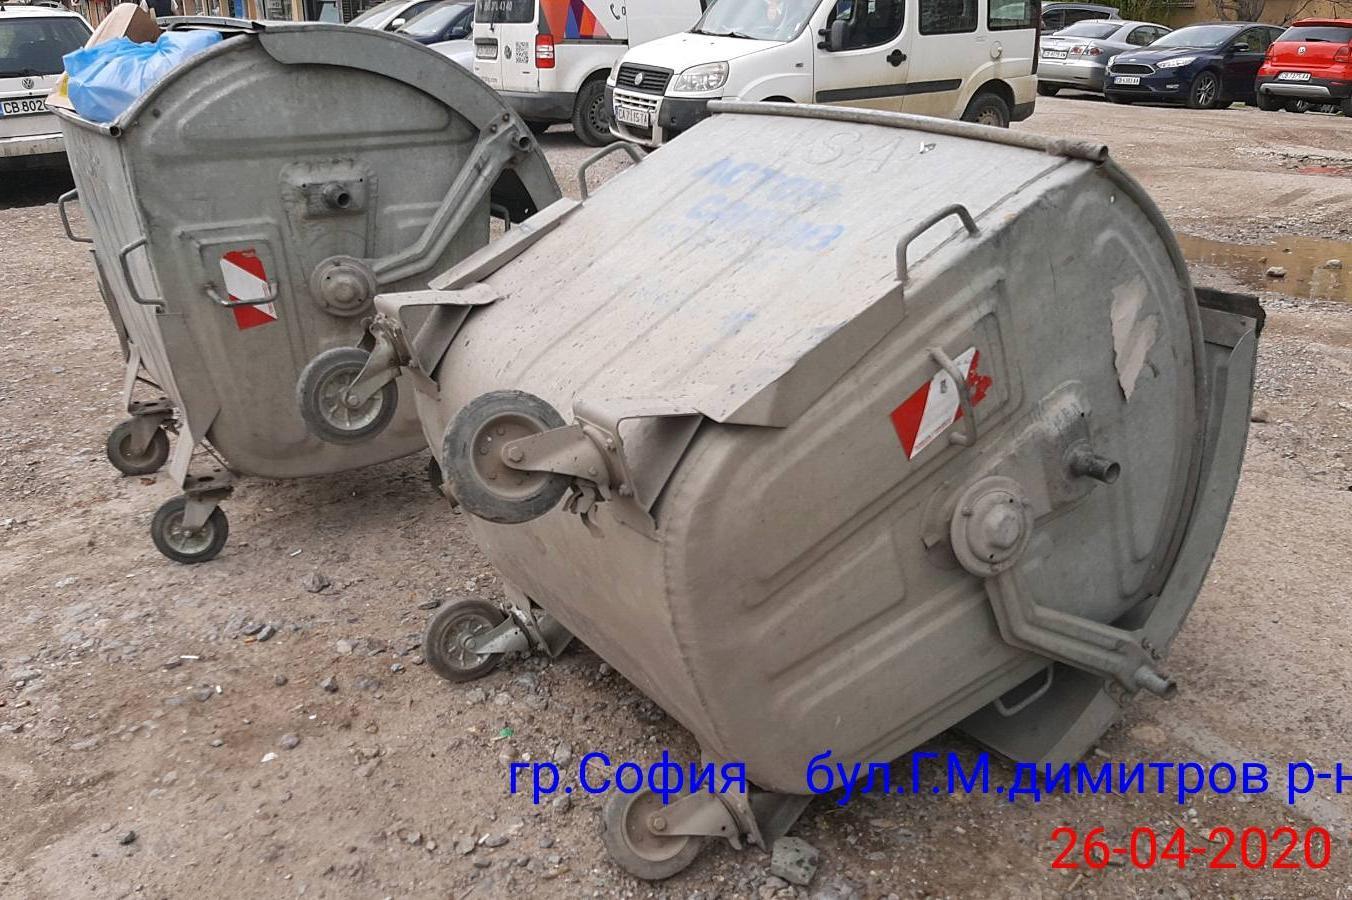 """Вандали вилняха в """"Изгрев"""" и спукаха 4 гуми на кола на Столичен инспекторат"""